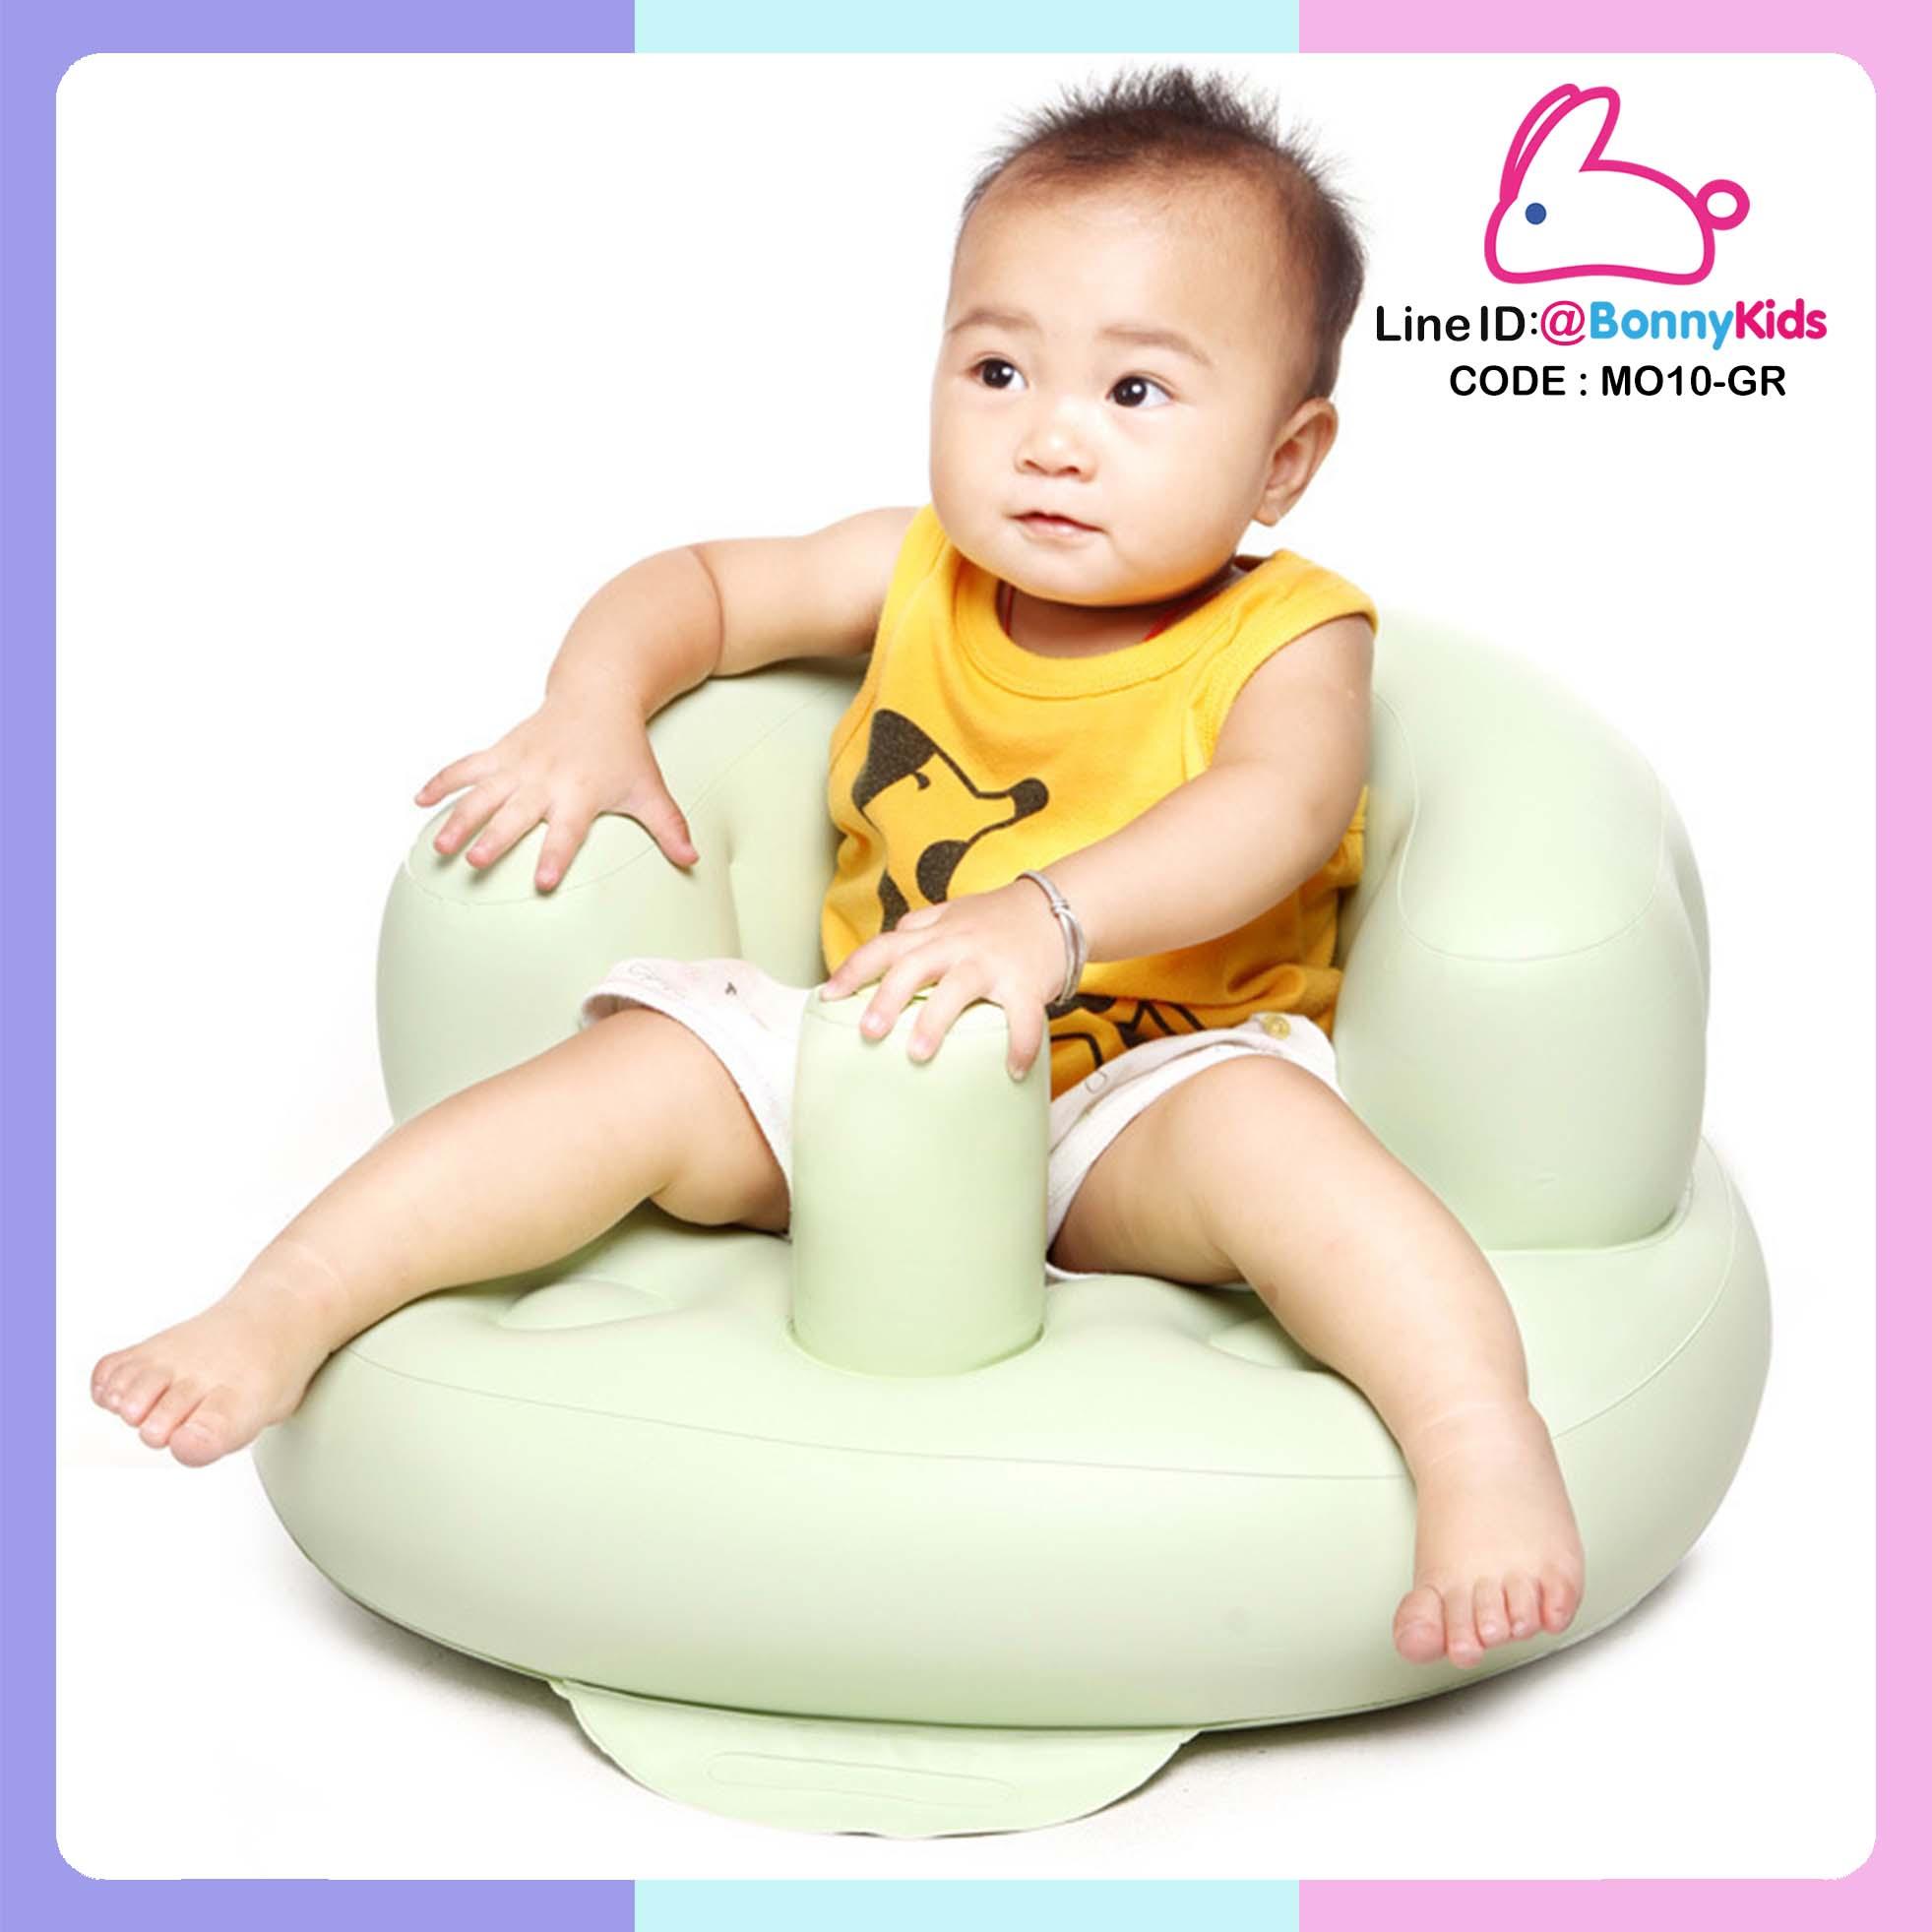 MO10-GR เก้าอี้หัดนั่งเป่าลม สีเขียว